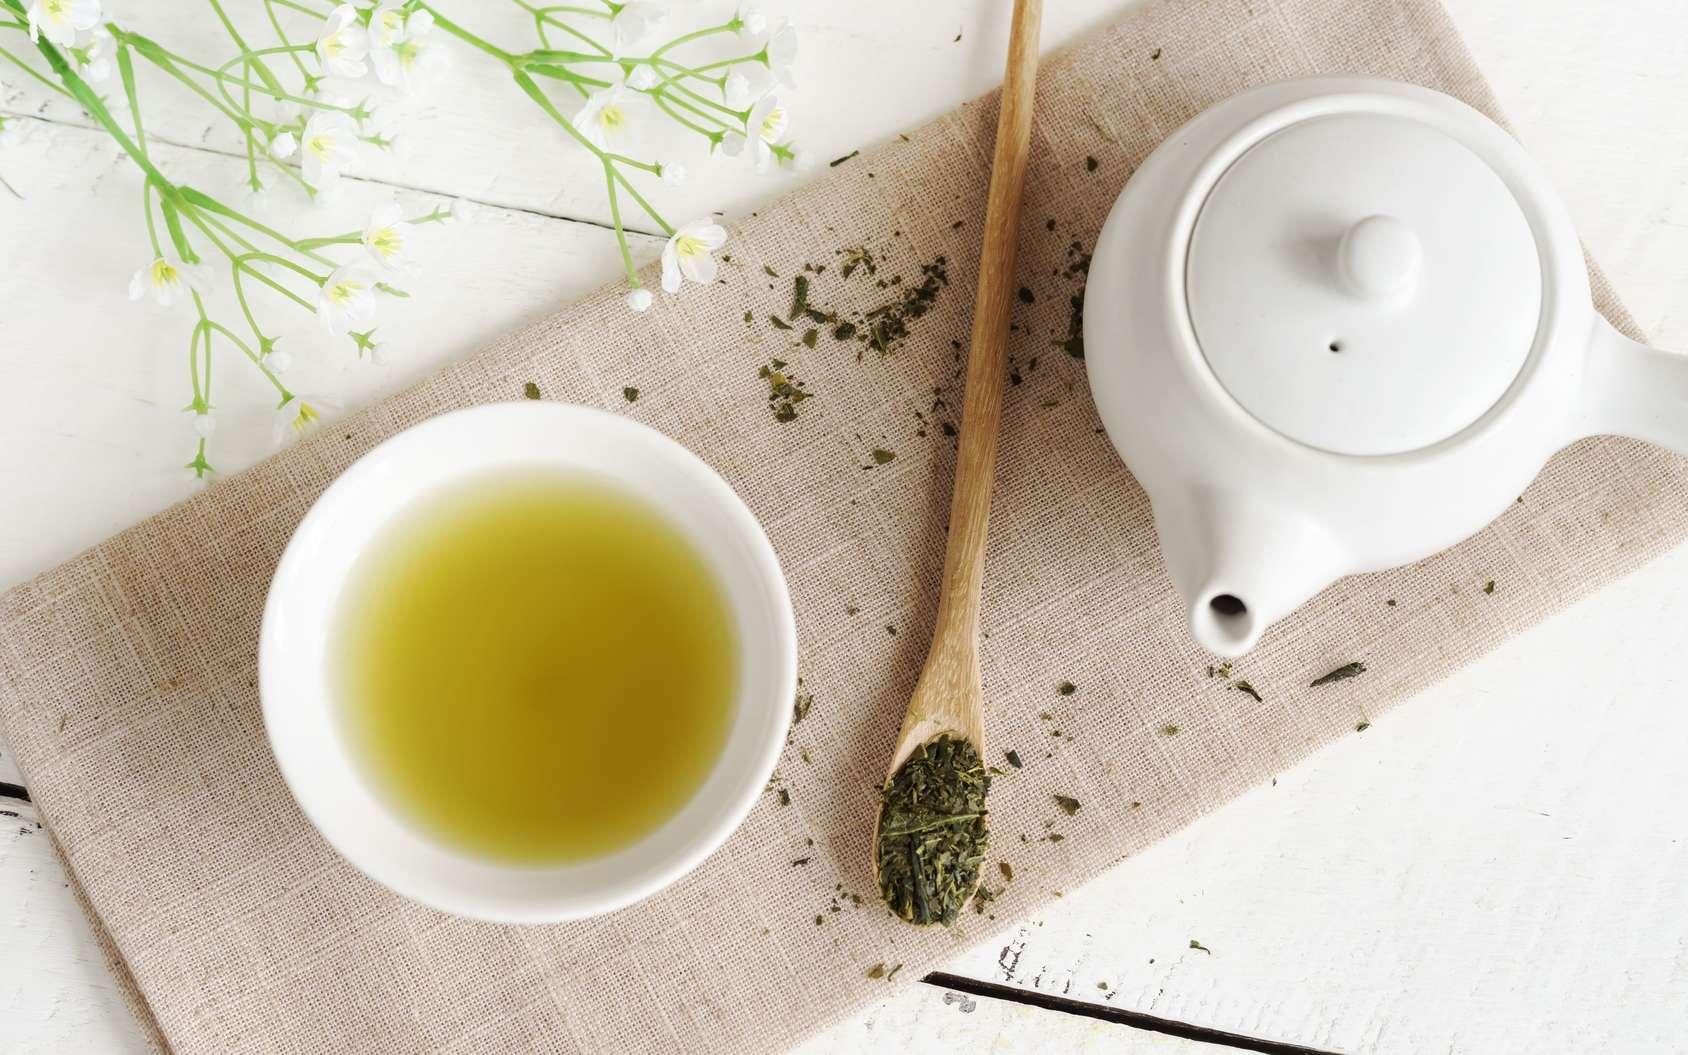 Le thé vert est peu transformé et contient des quantités élevées de molécules antioxydantes. © Kittiphan, Fotolia